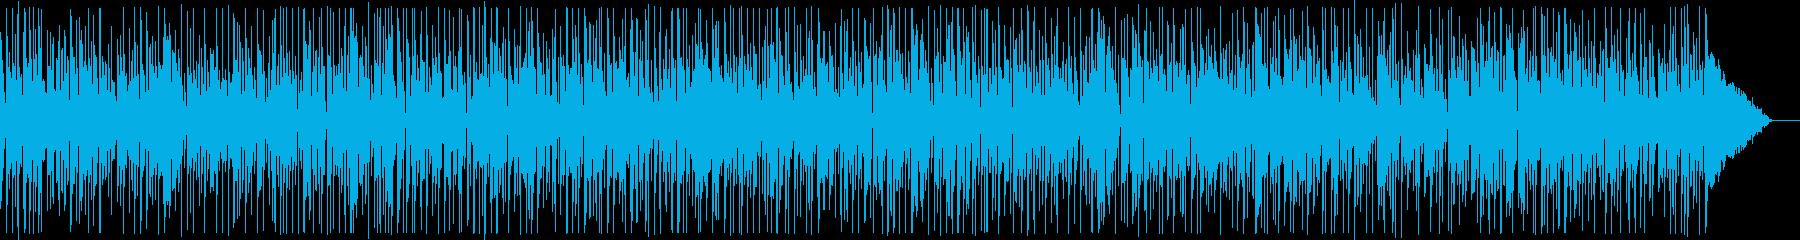 生演奏・陽気なギターとオルガンファンクの再生済みの波形